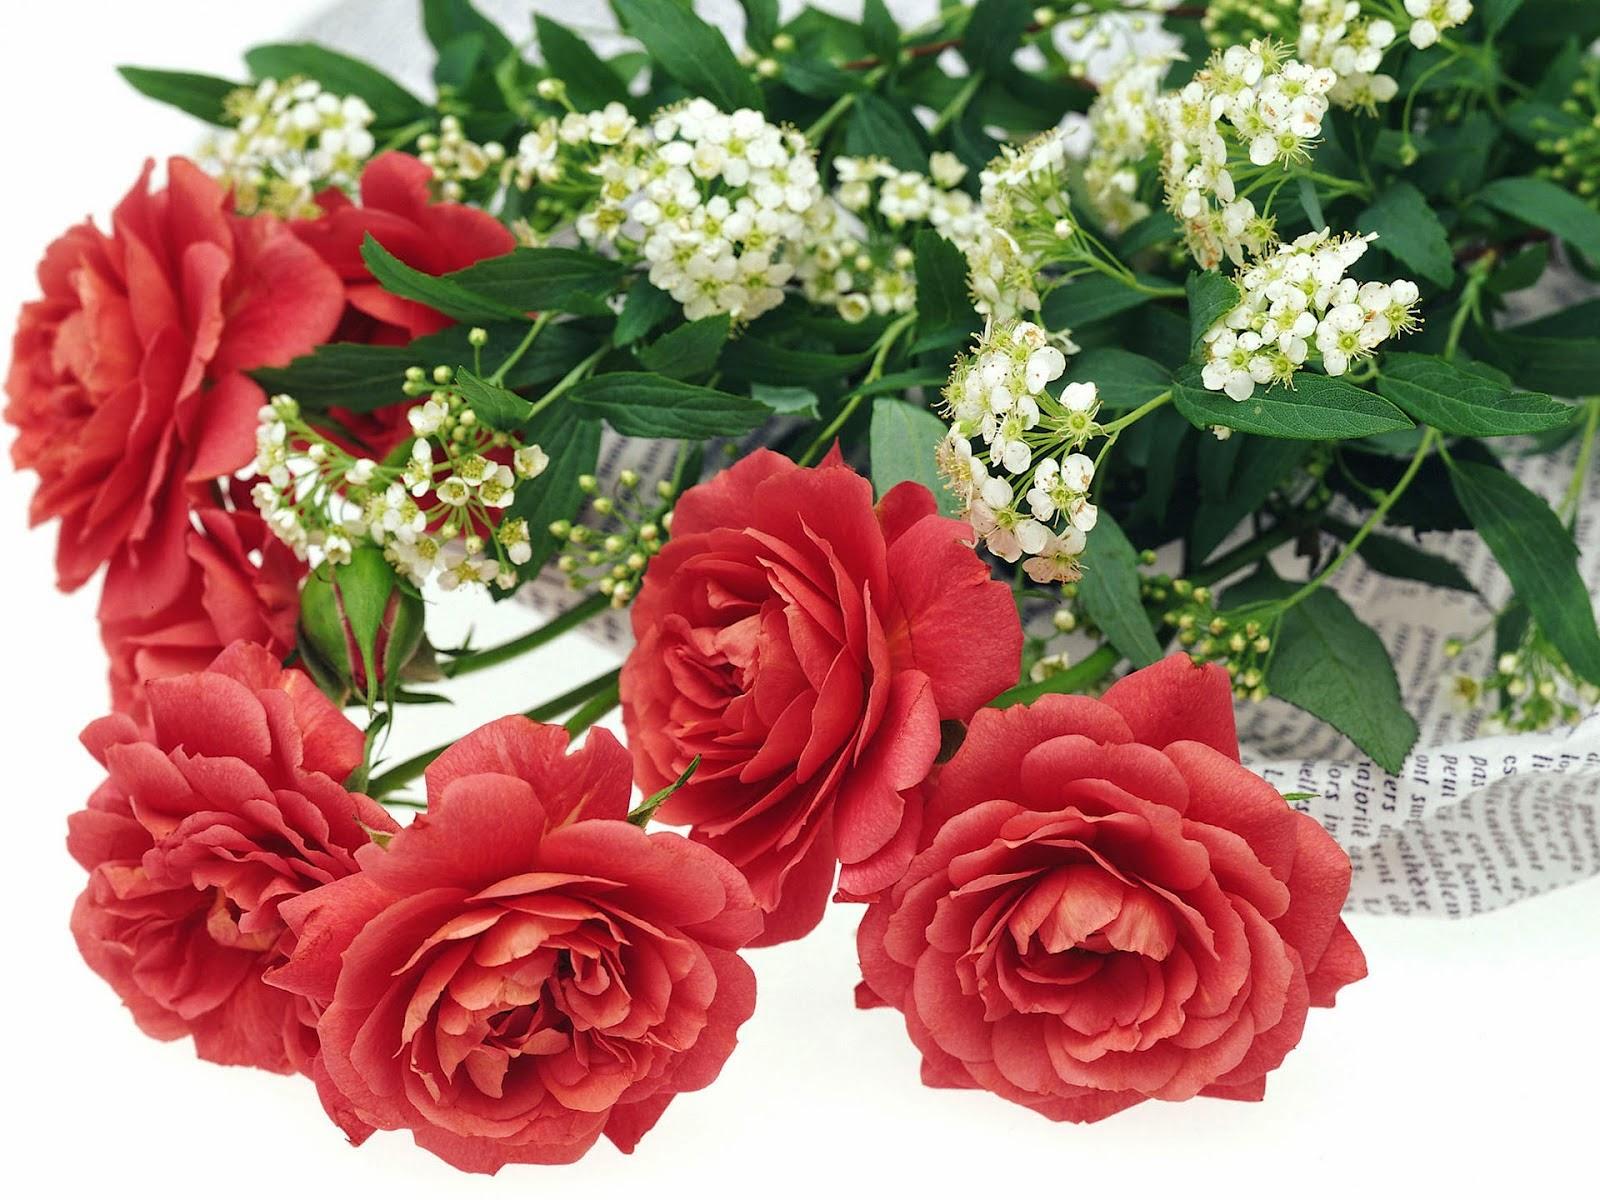 Kumpulan Gambar Bunga Romantis I Love You Animasi